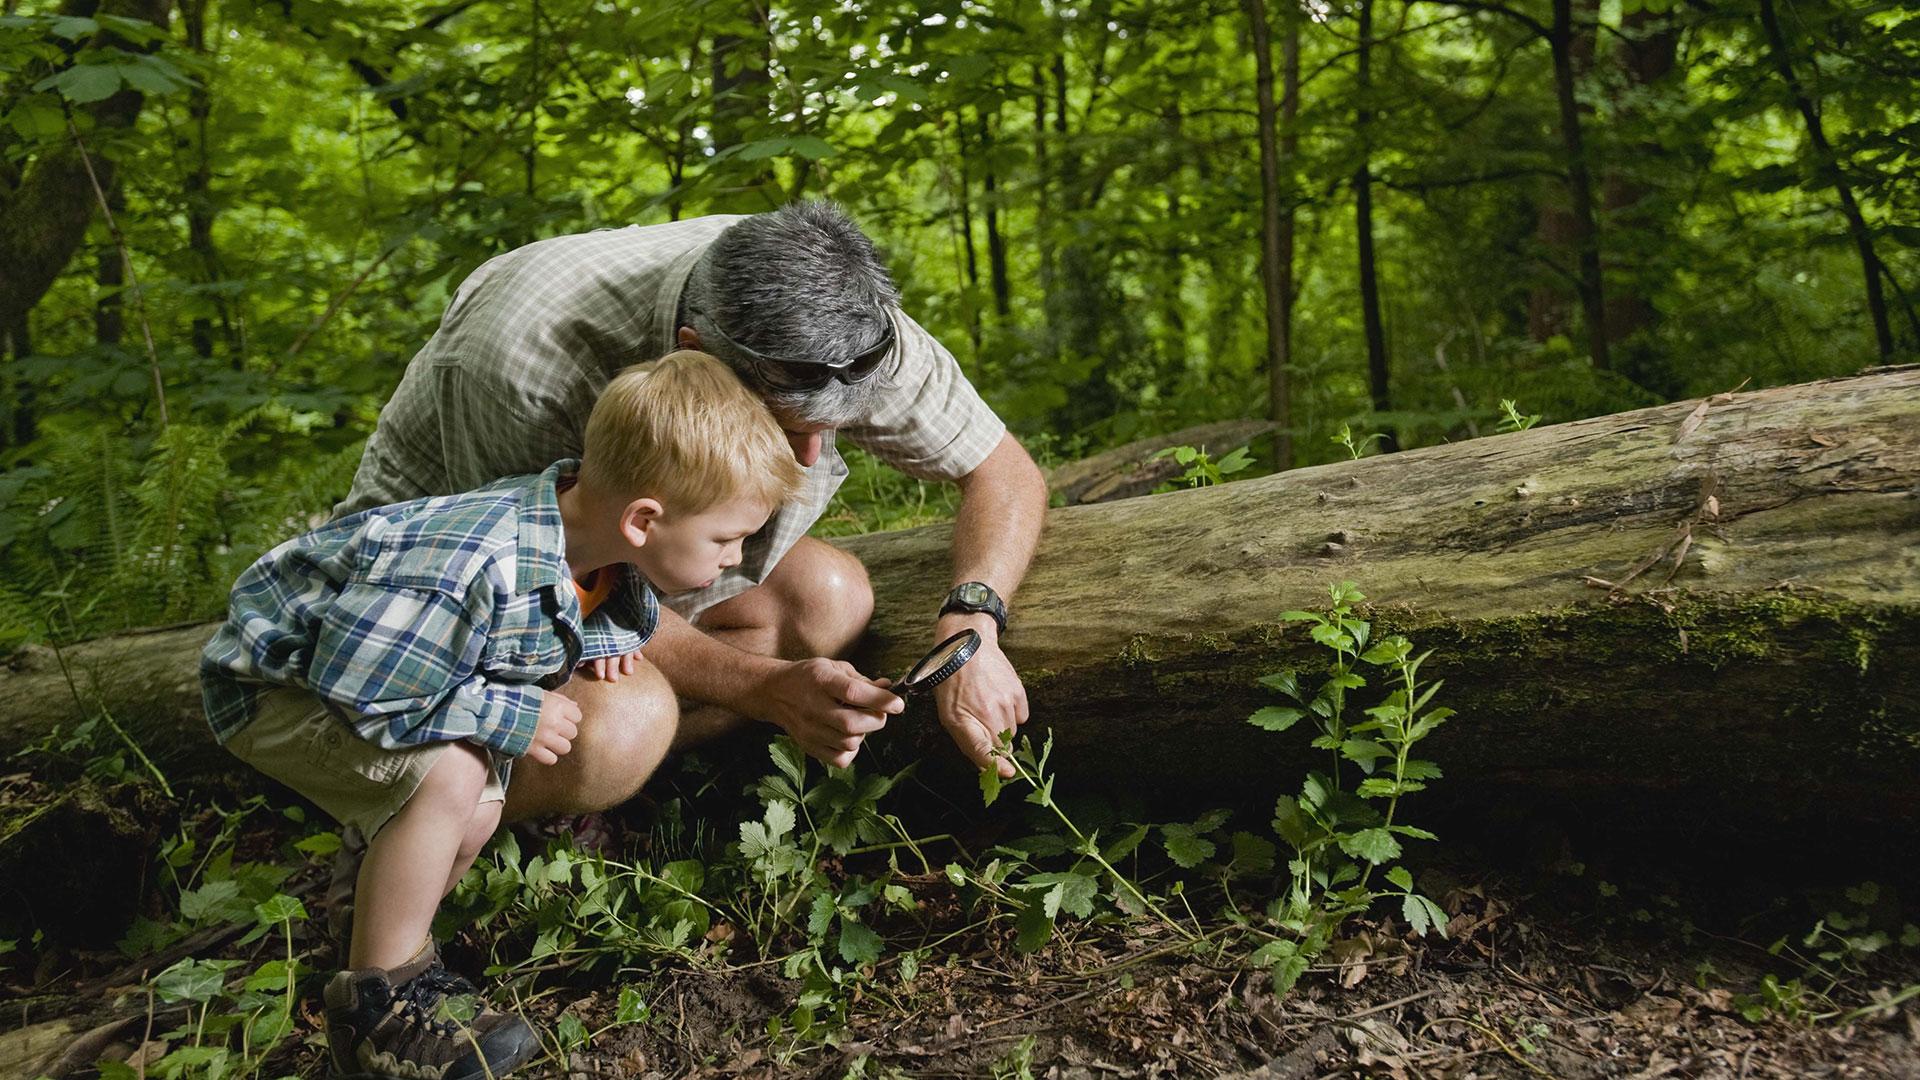 Natur entdecken: Vater mit Sohn im Wald